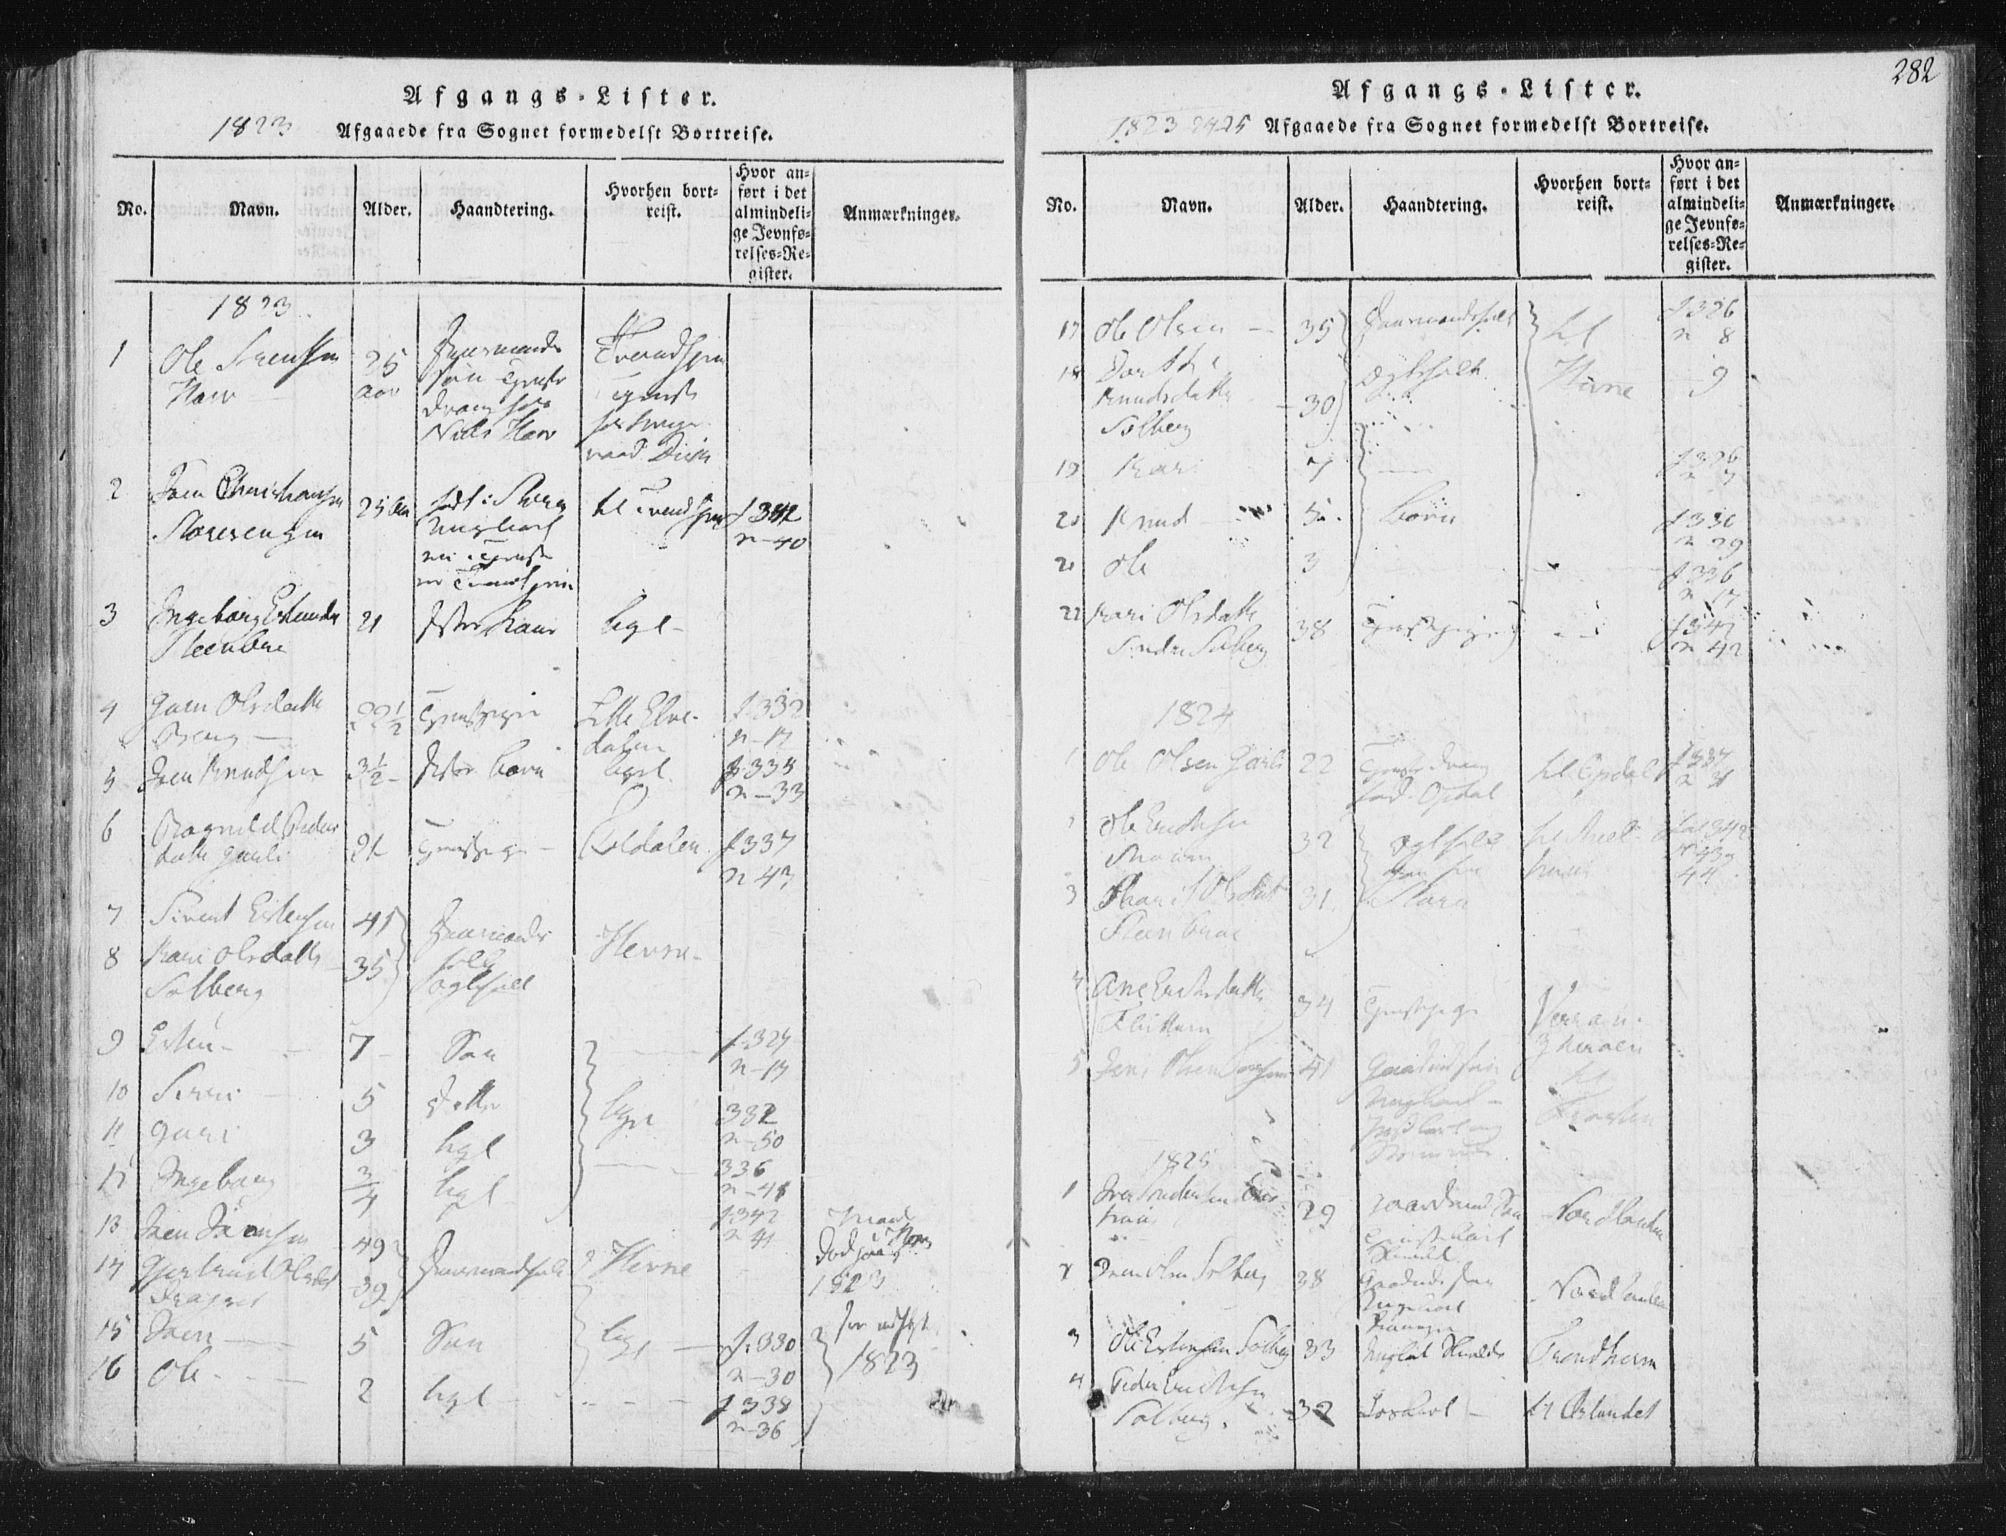 SAT, Ministerialprotokoller, klokkerbøker og fødselsregistre - Sør-Trøndelag, 689/L1037: Ministerialbok nr. 689A02, 1816-1842, s. 282